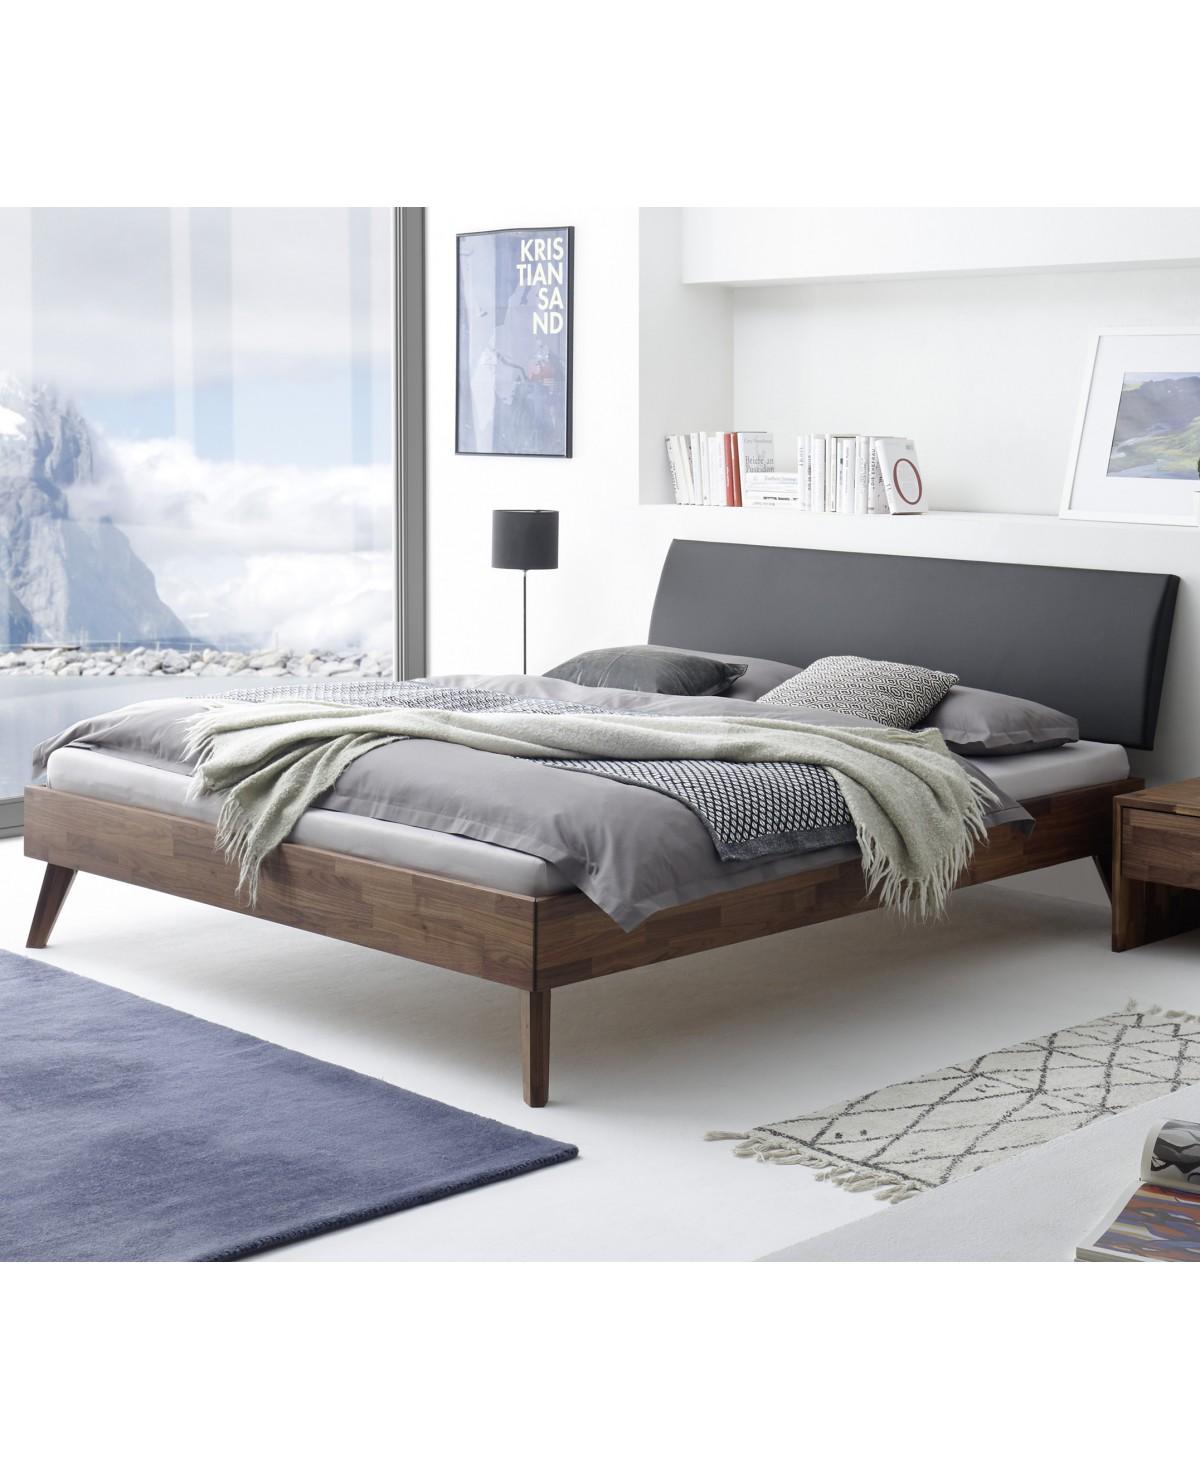 Full Size of Kopfteil Bett 160 140 Kissen Ikea Diy 200 Cm Selber Bauen 180 Rattan Wasser Betten Test Günstig Kaufen 120 Mit Aufbewahrung Nussbaum Rauch 140x200 Bettwäsche Bett Kopfteil Bett